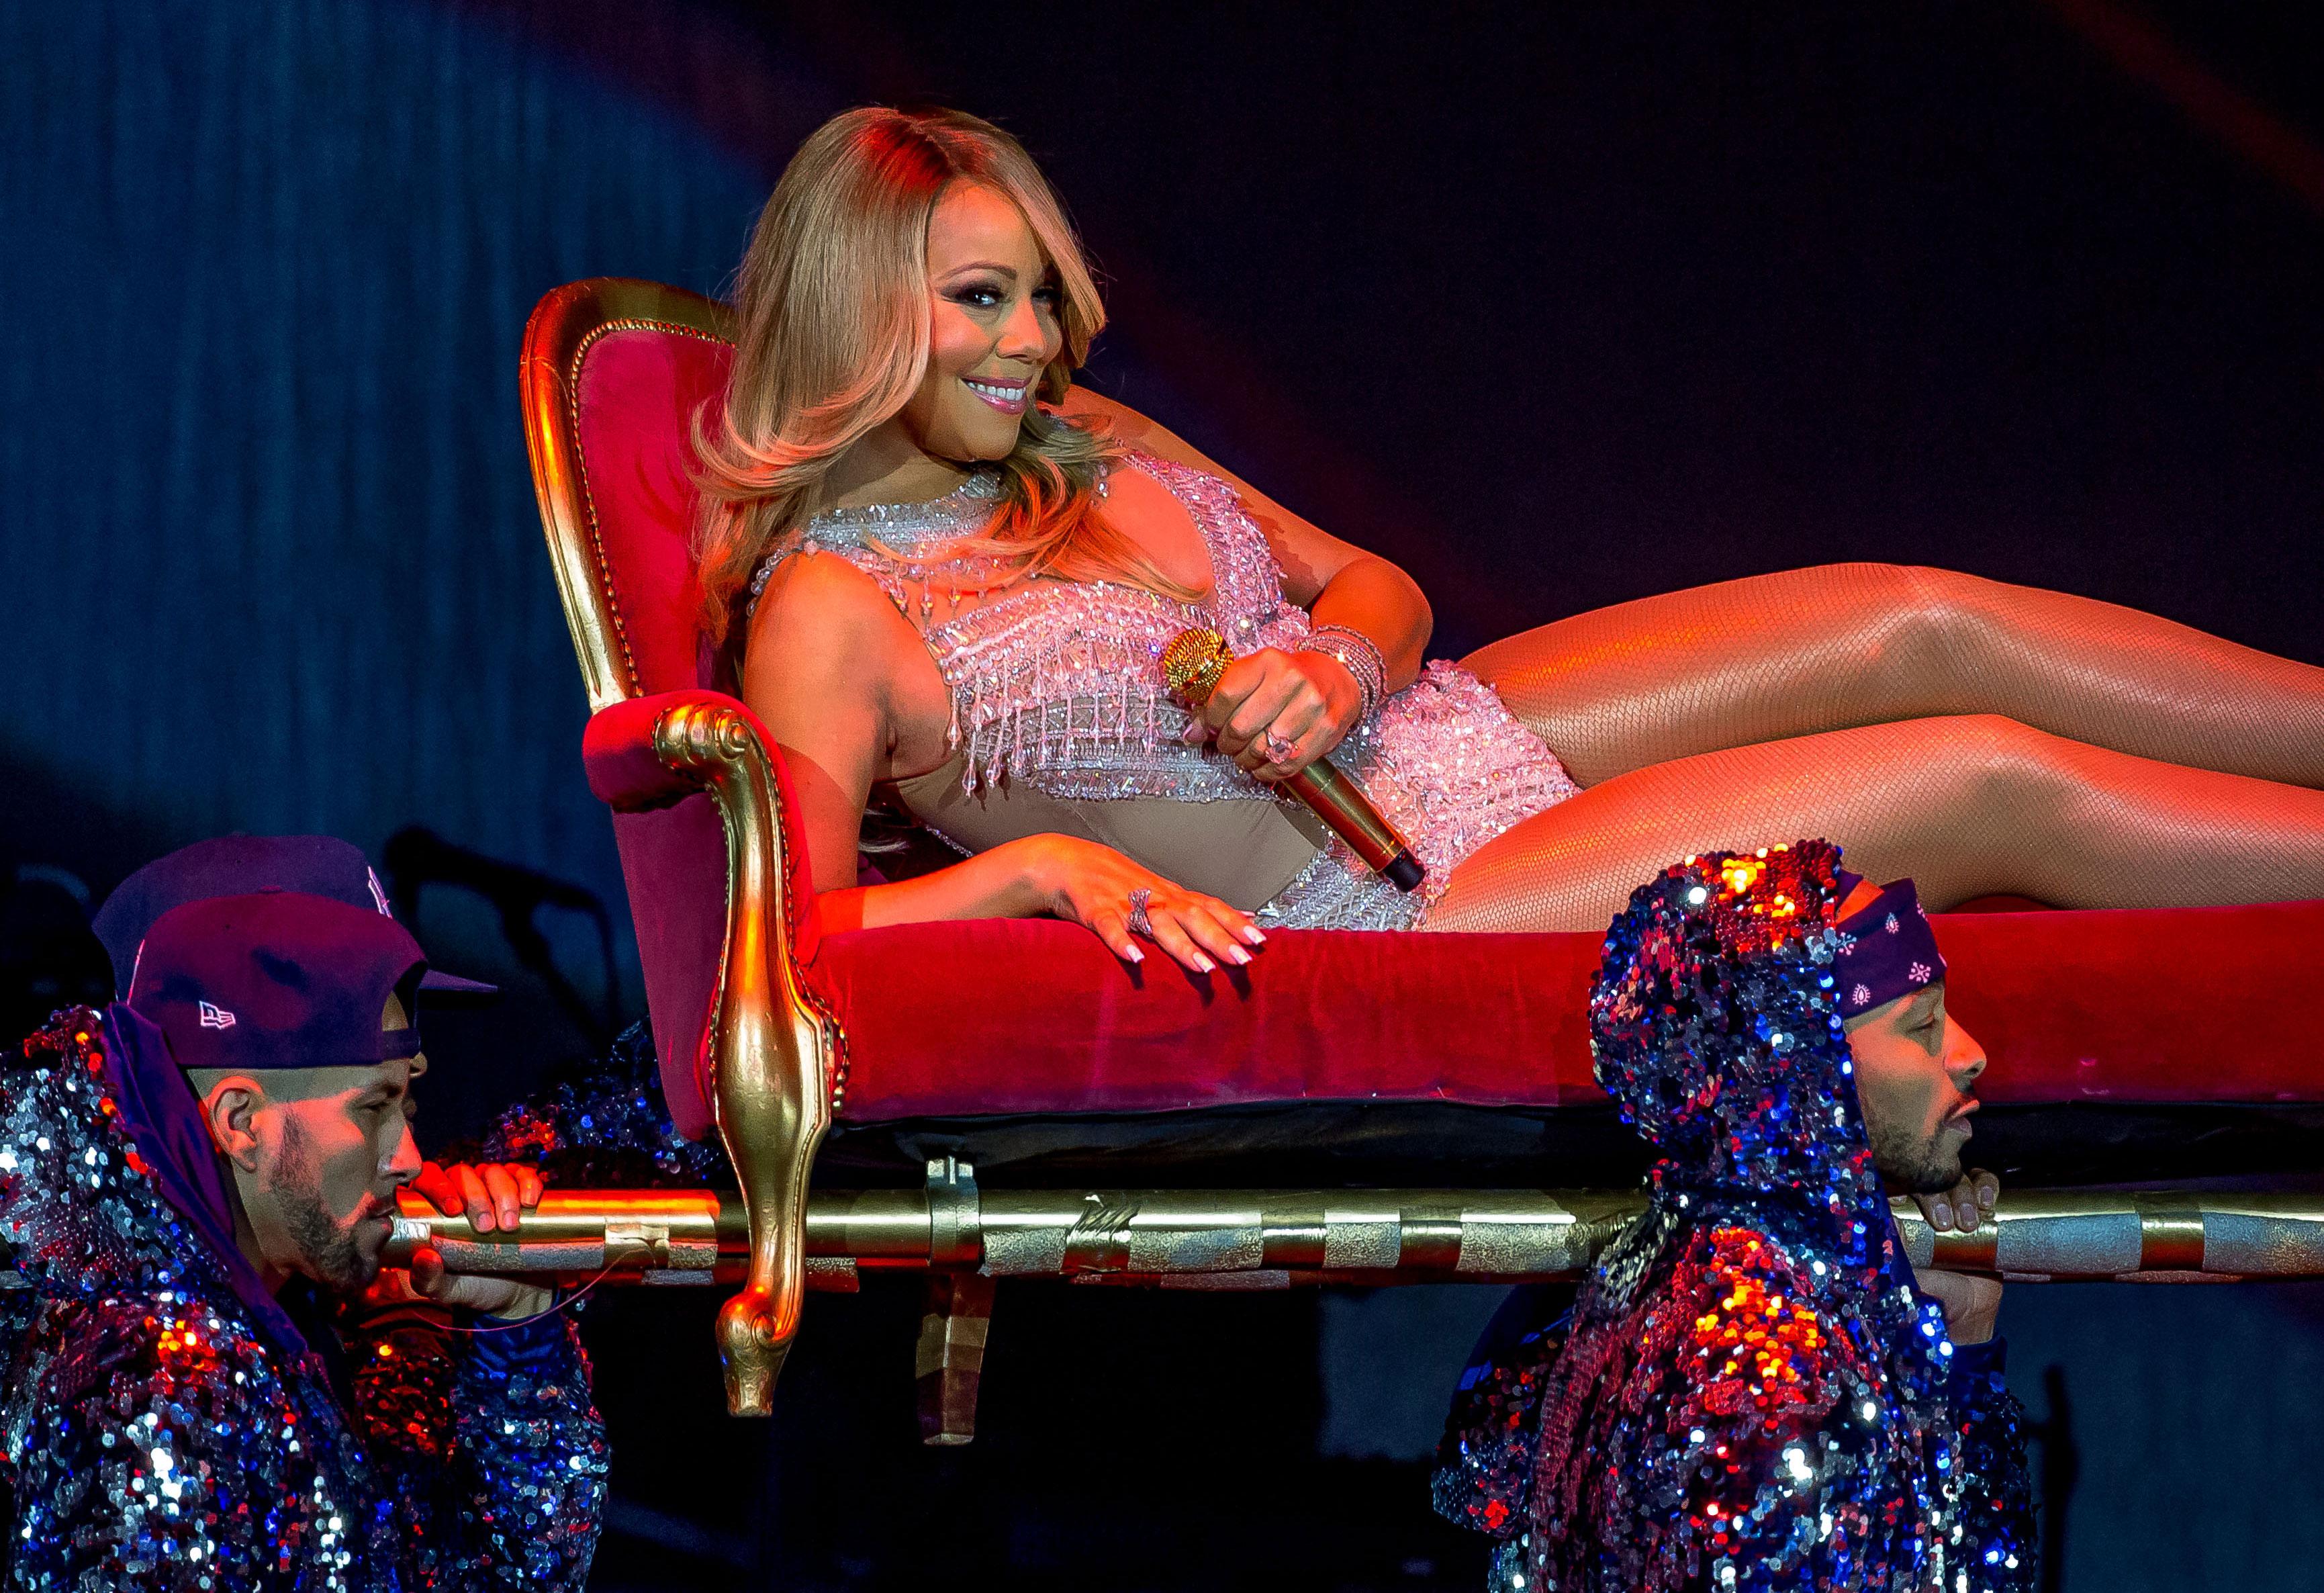 Mariah carey tour rider demands 11